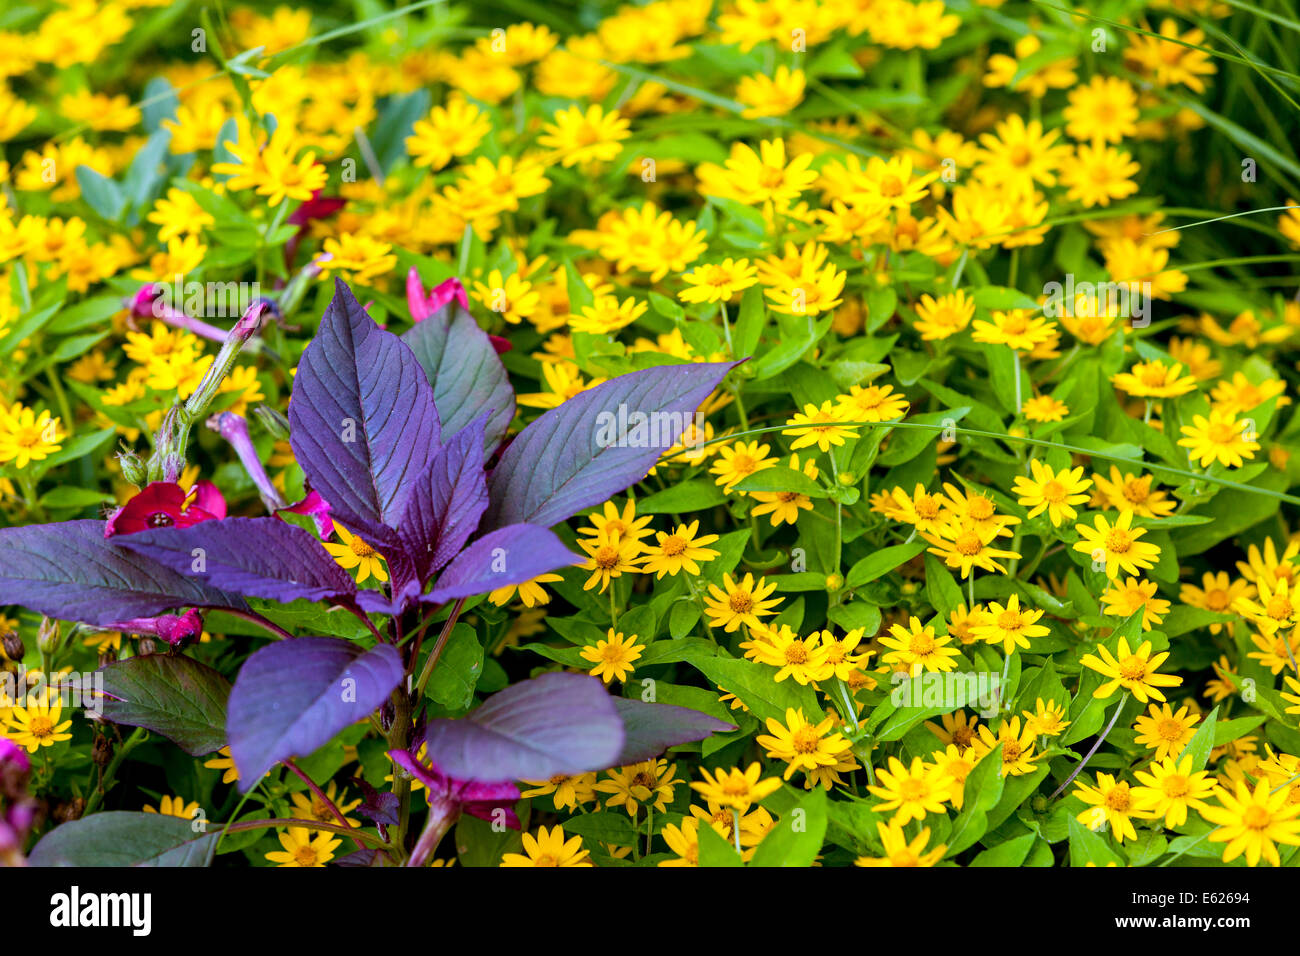 Coleus Annual Stock Photos Coleus Annual Stock Images Alamy